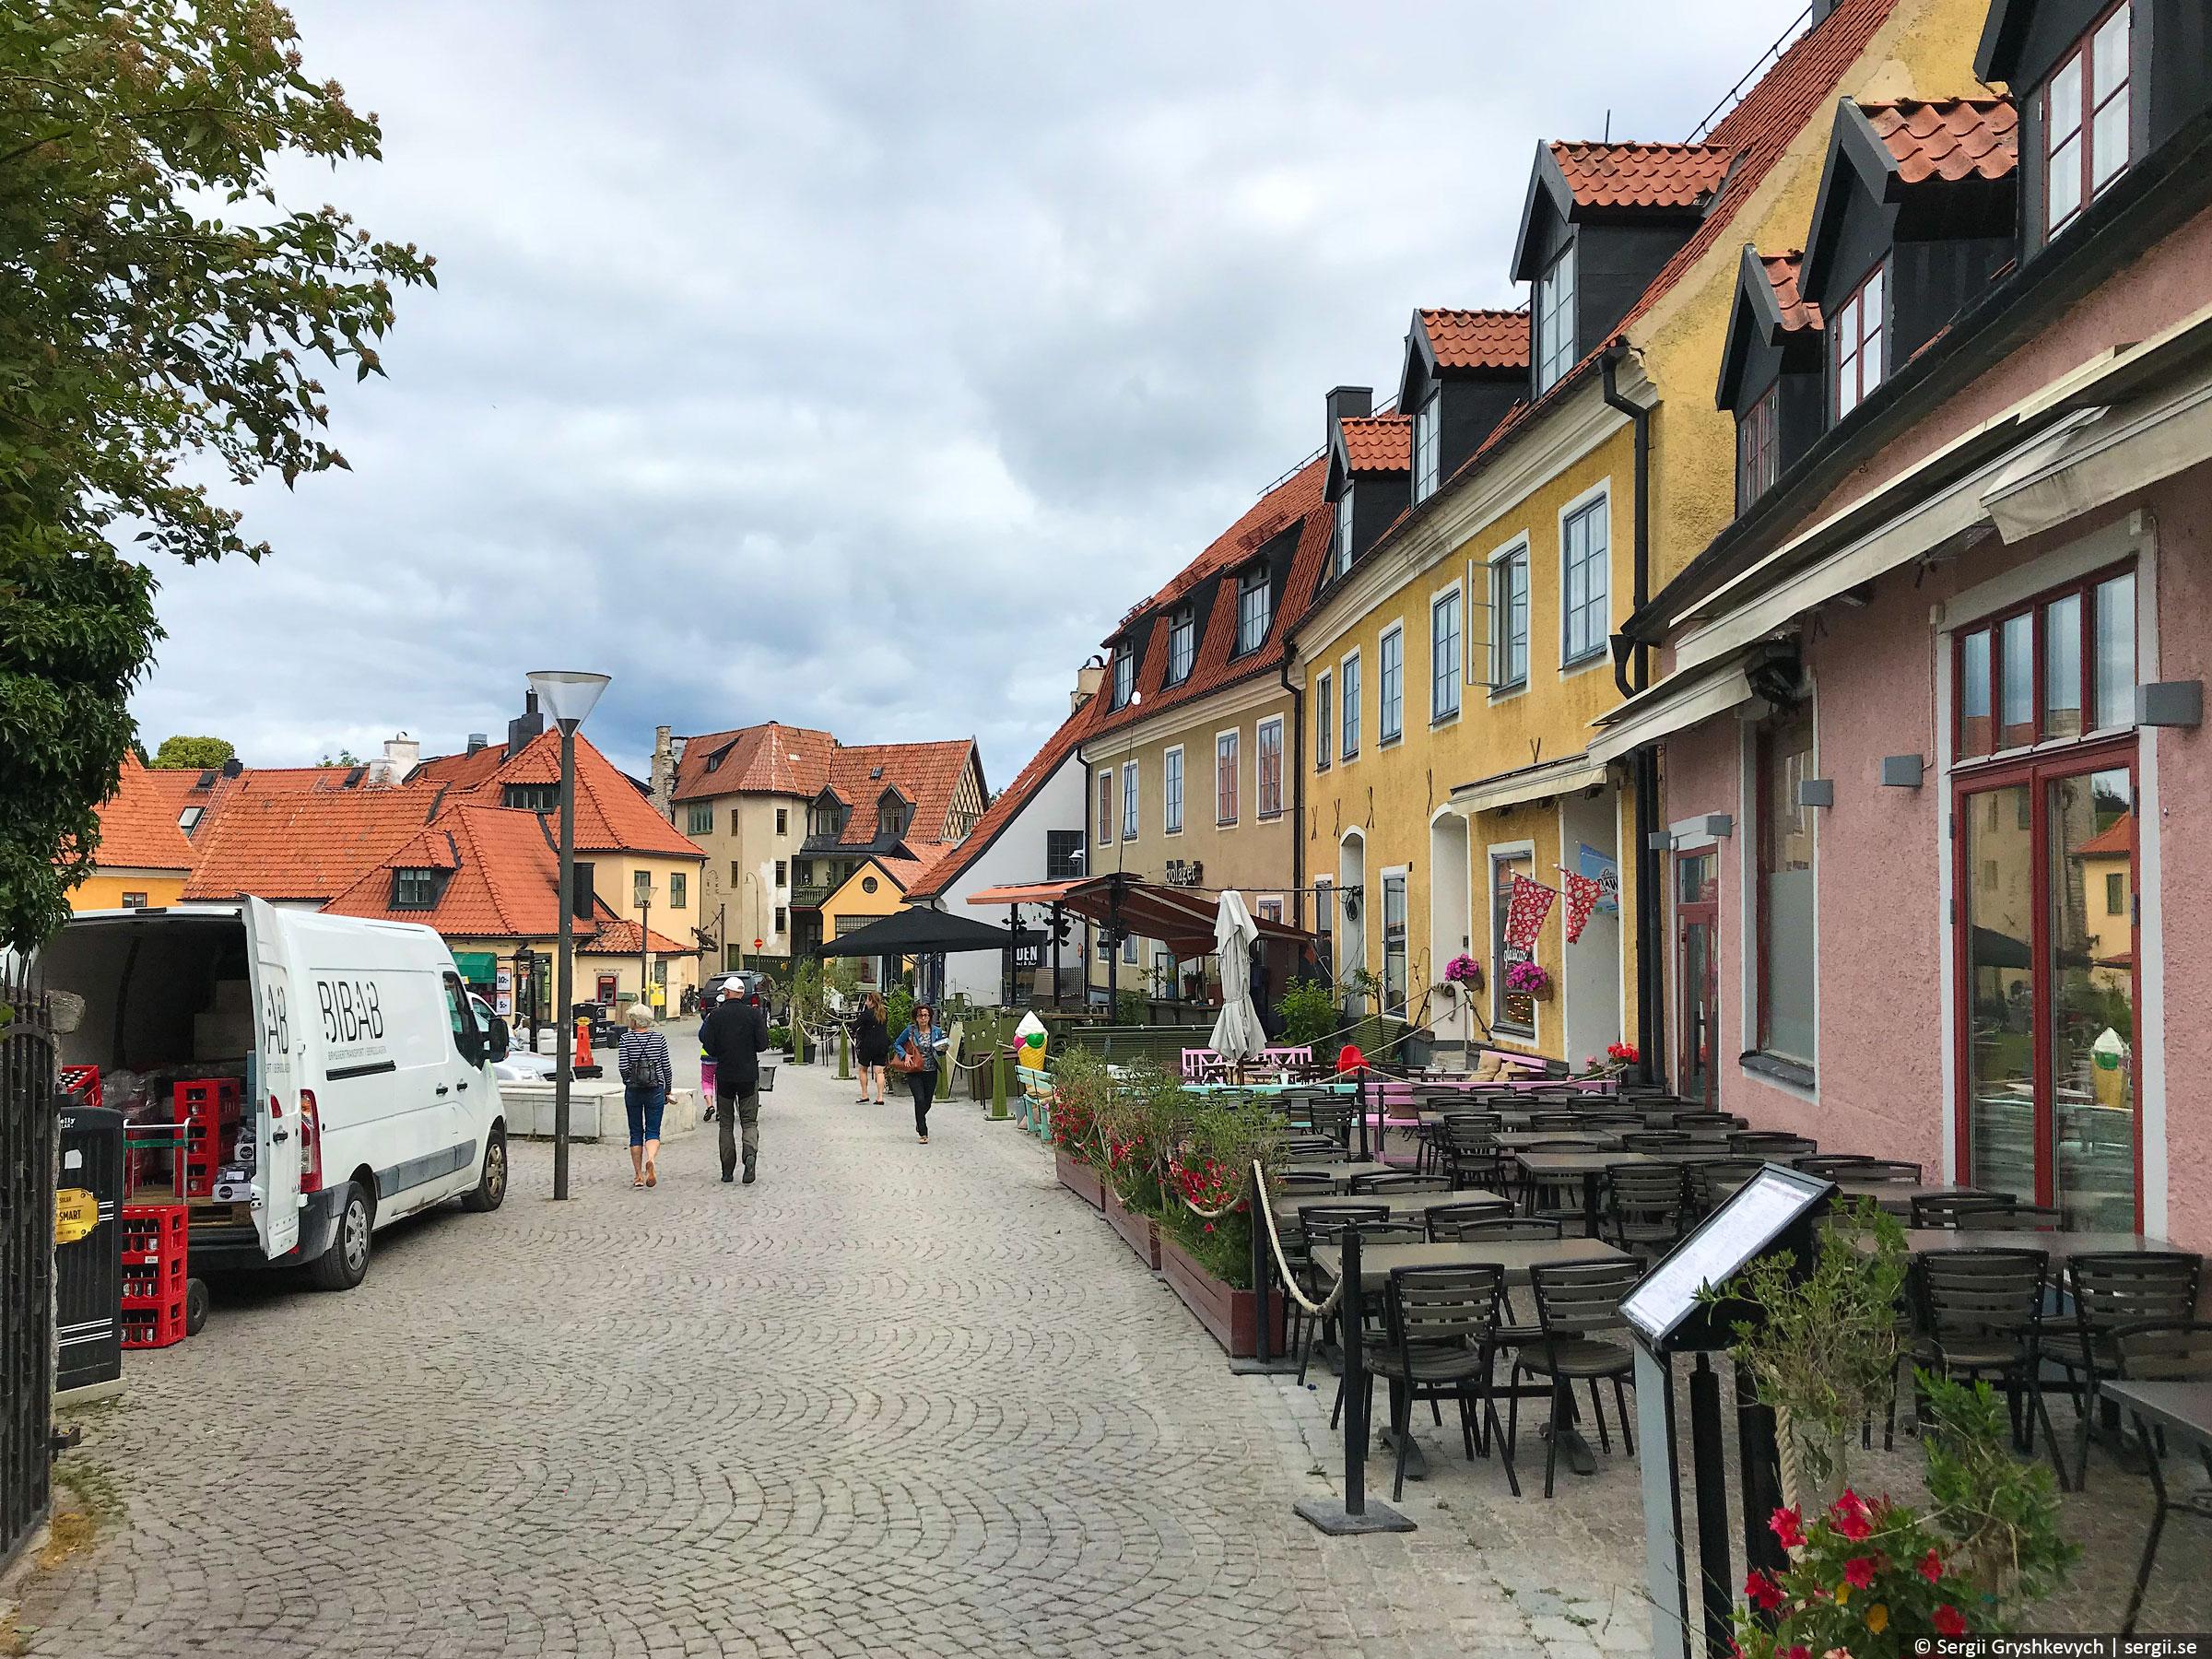 gotland-visby-sweden-2018-9